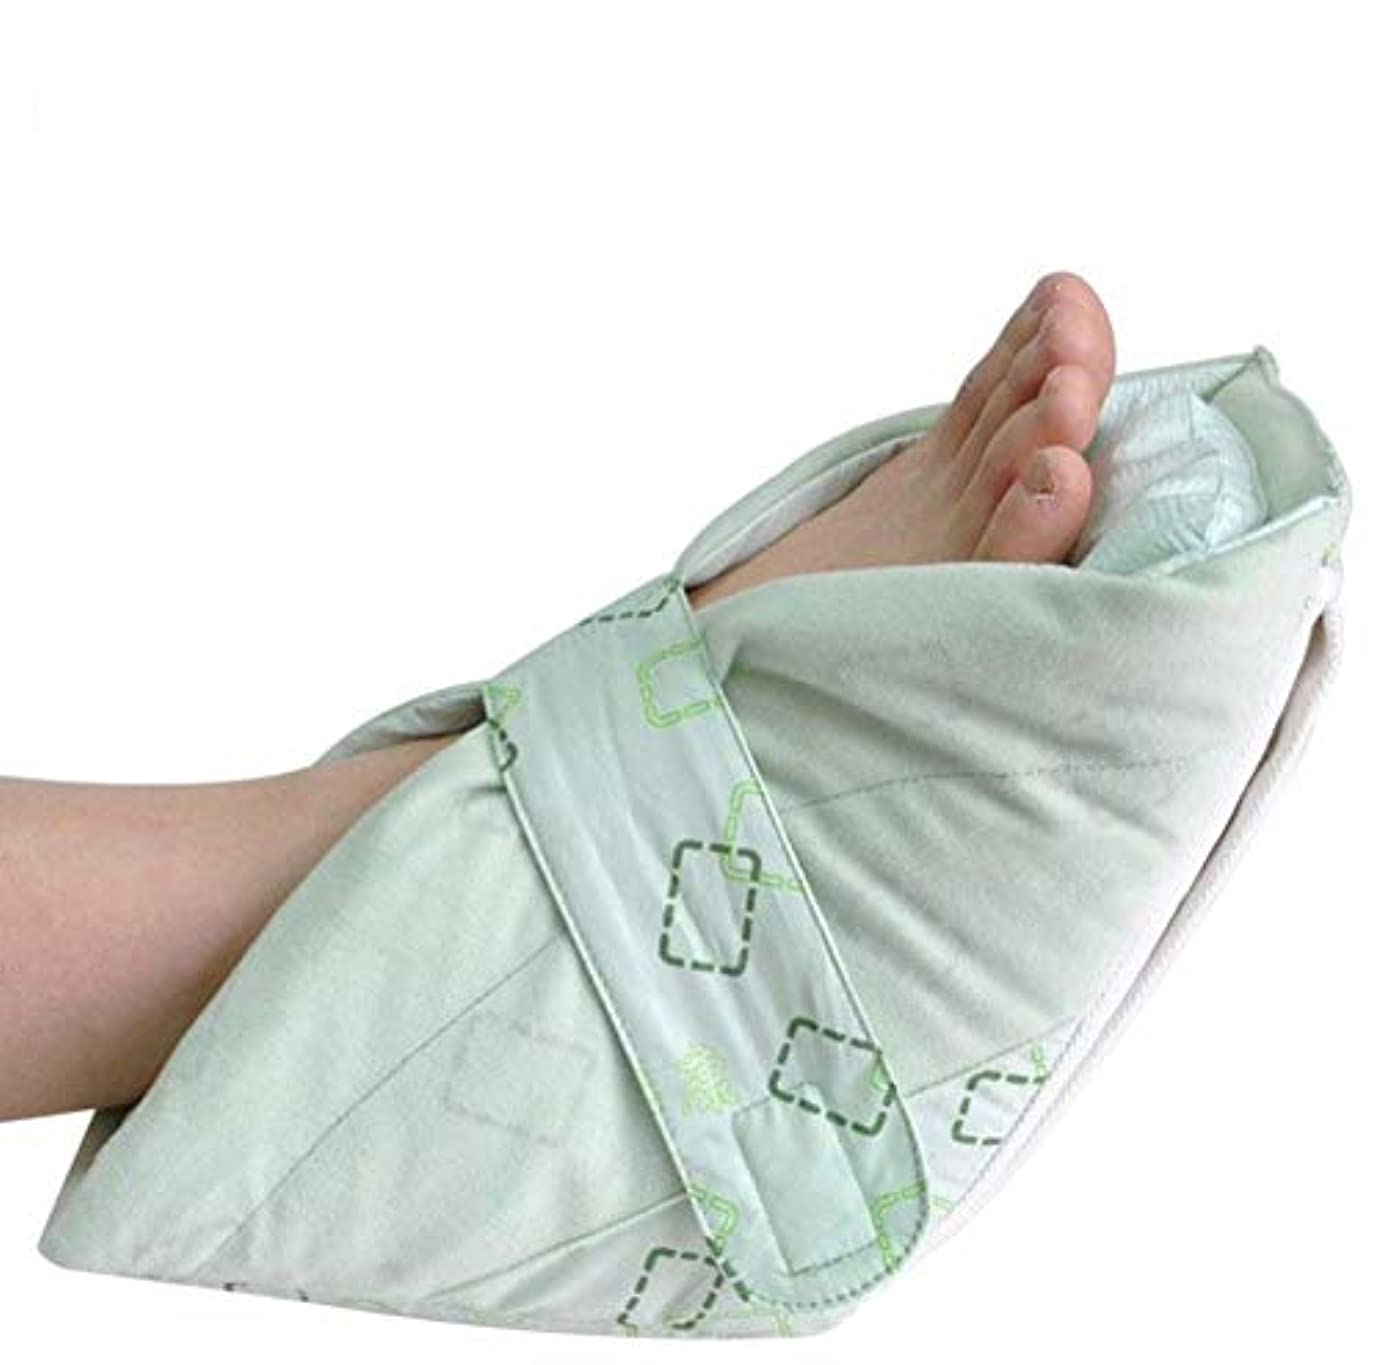 患者不信粉砕する圧力リリーフヒールプロテクターの 1 ペア、超上質なコットン生地個別インナークッションにきびやにきびのため腱ステント